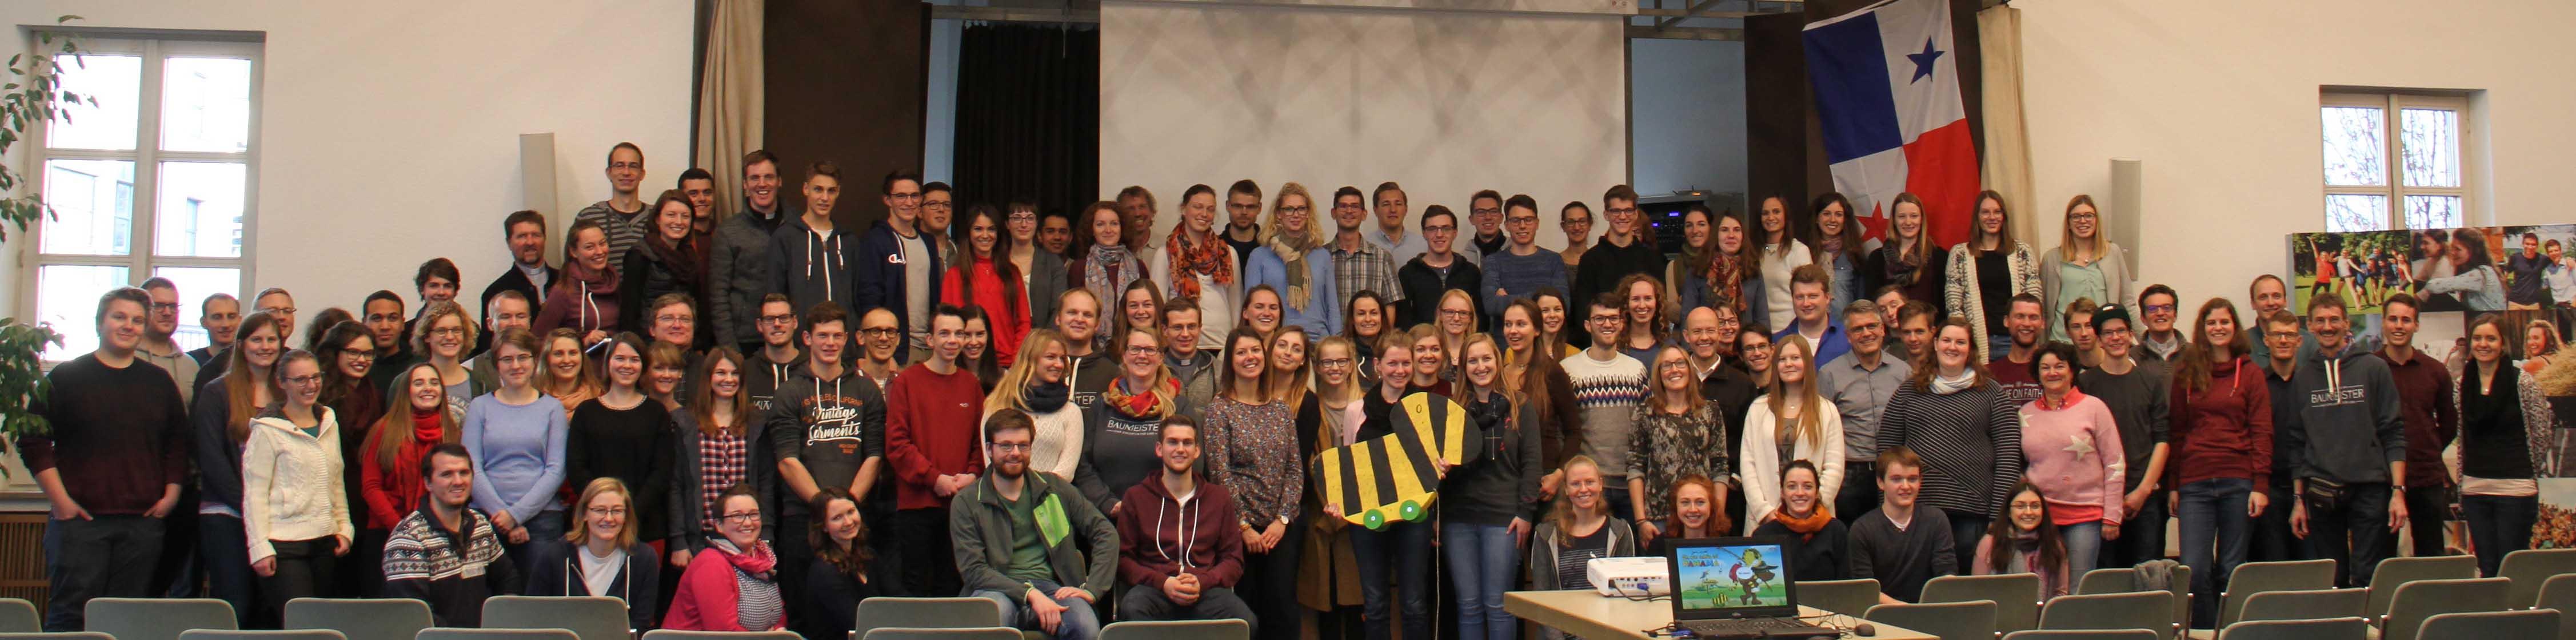 Bei der Fahrt zum Weltjugendtag, die die Jugend 2000 und die Bischöflichen Jugendämter von Augsburg und Eichstätt anbieten, sind 160 Teilnehmer dabei. (Foto: Nathalie Zapf / Katholische SonntagsZeitung)